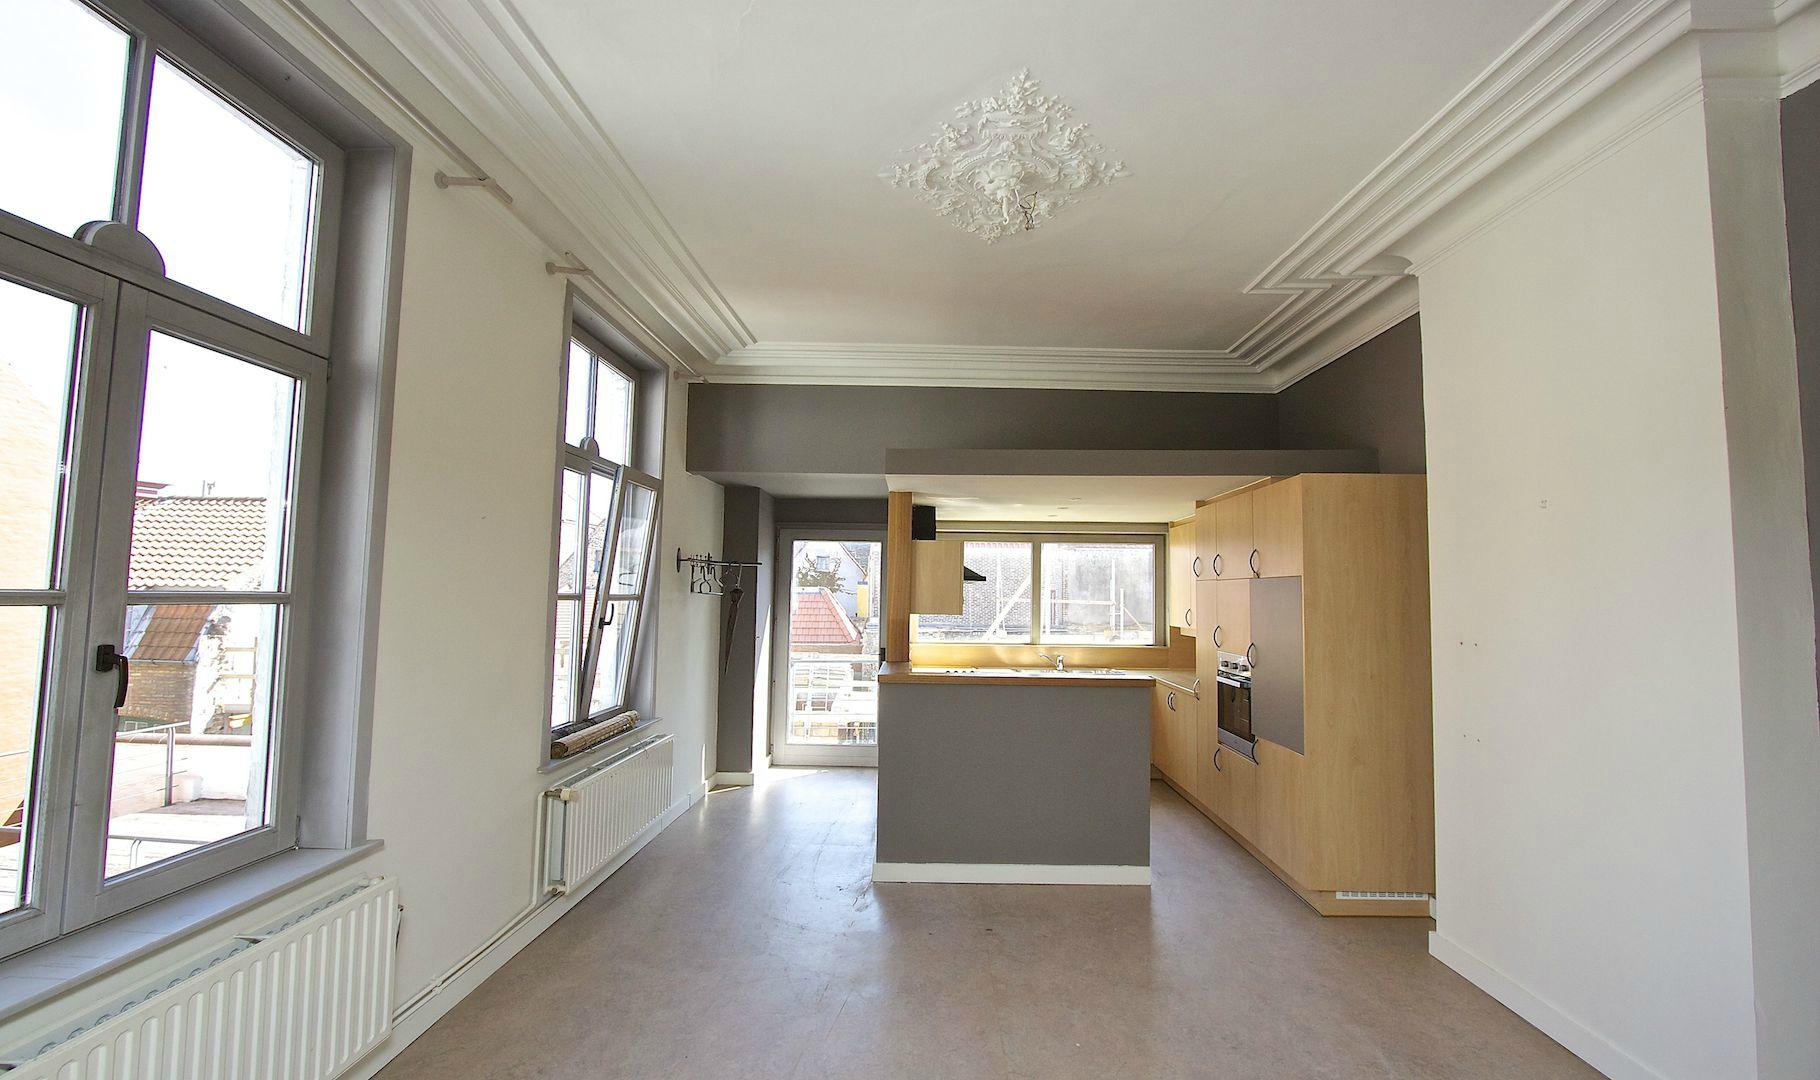 Toffe etagewoning met 3 slaapkamers en ruim zonneterras in het hartje van Brugge. Met autostandplaats voor kleine wagen